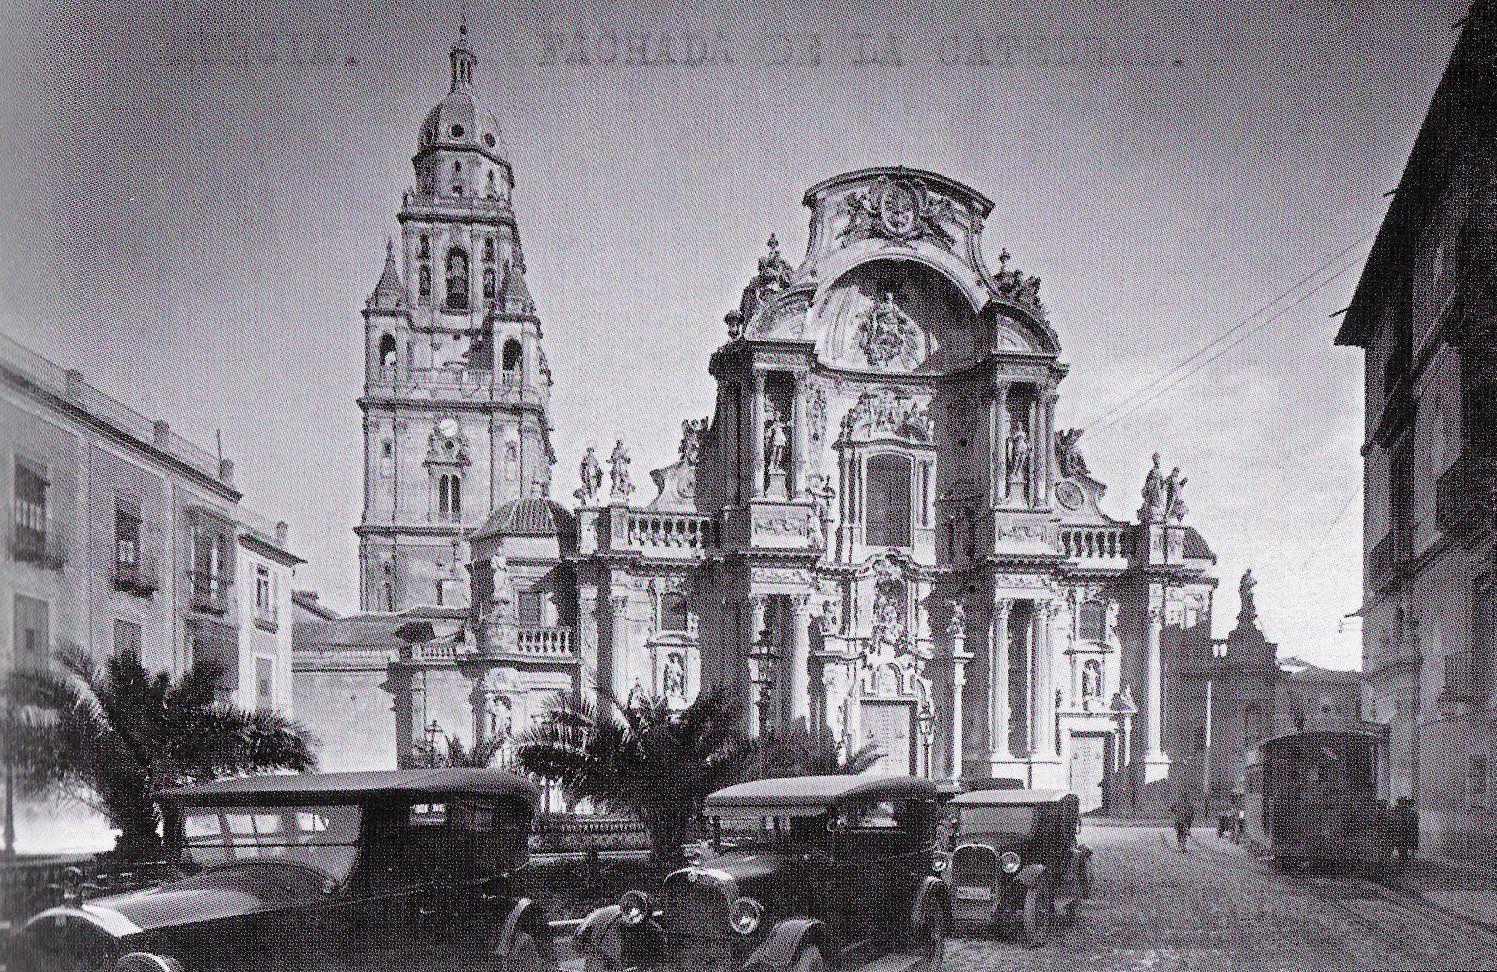 plaza belluga tranvía y cochitos Murcia